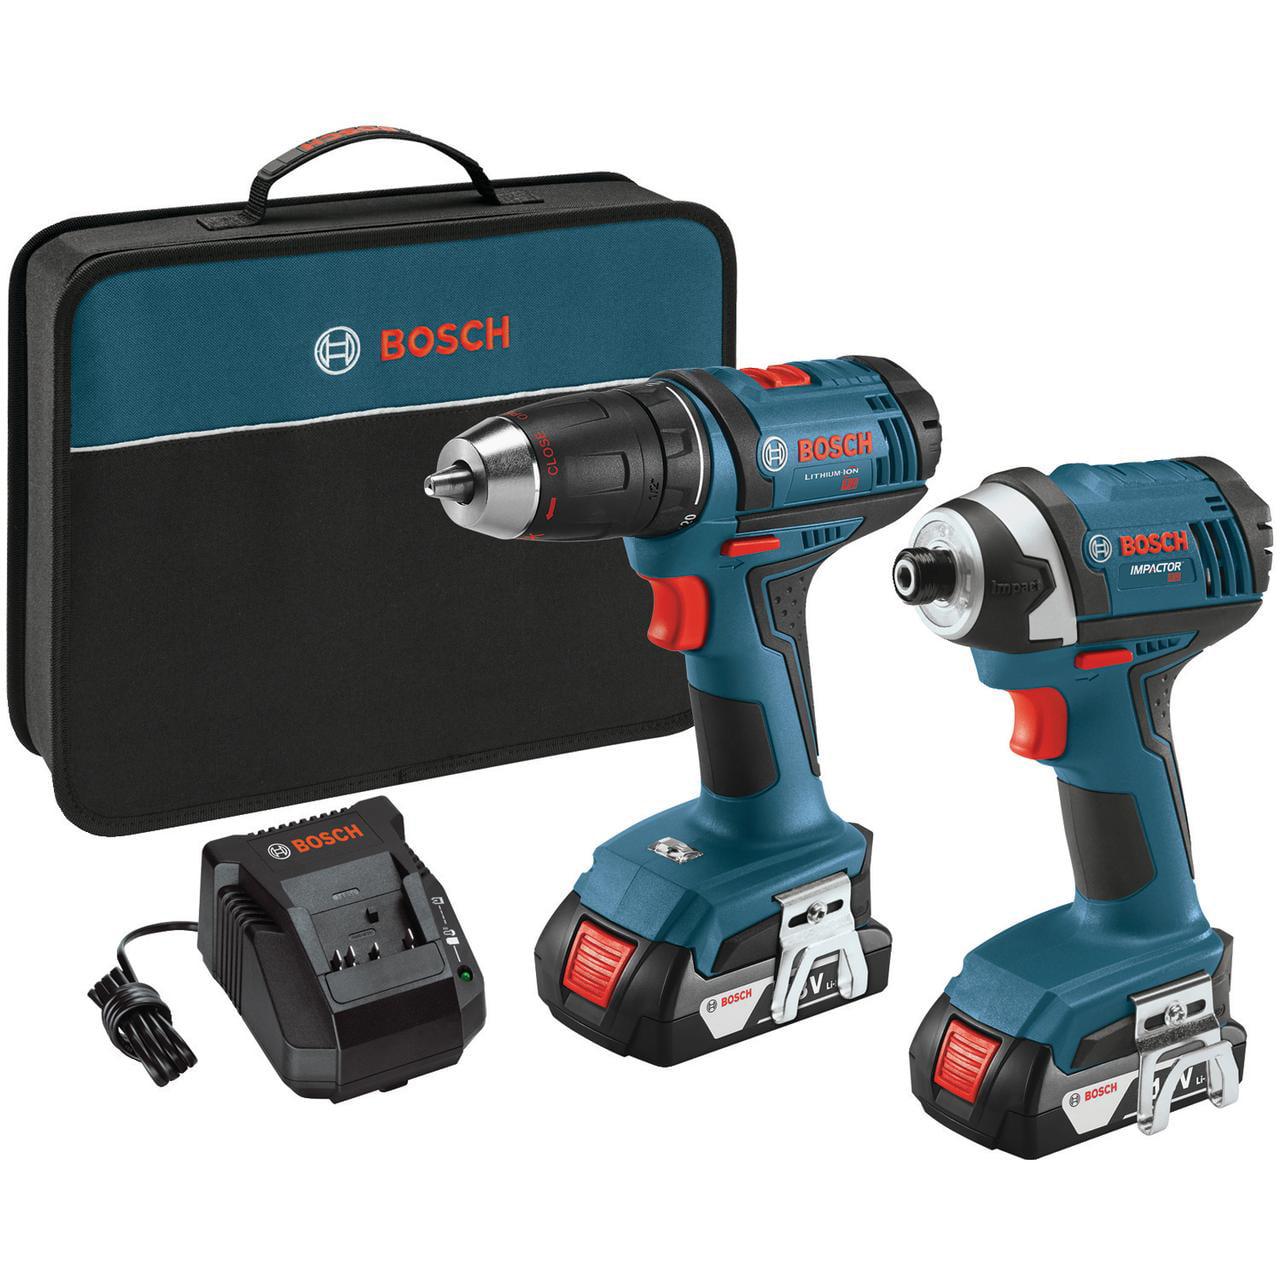 """Bosch CLPK26-181 Compact 1 2"""" Drill Driver & 1 4"""" Hex Impact Driver 18-Volt... by Bosch"""